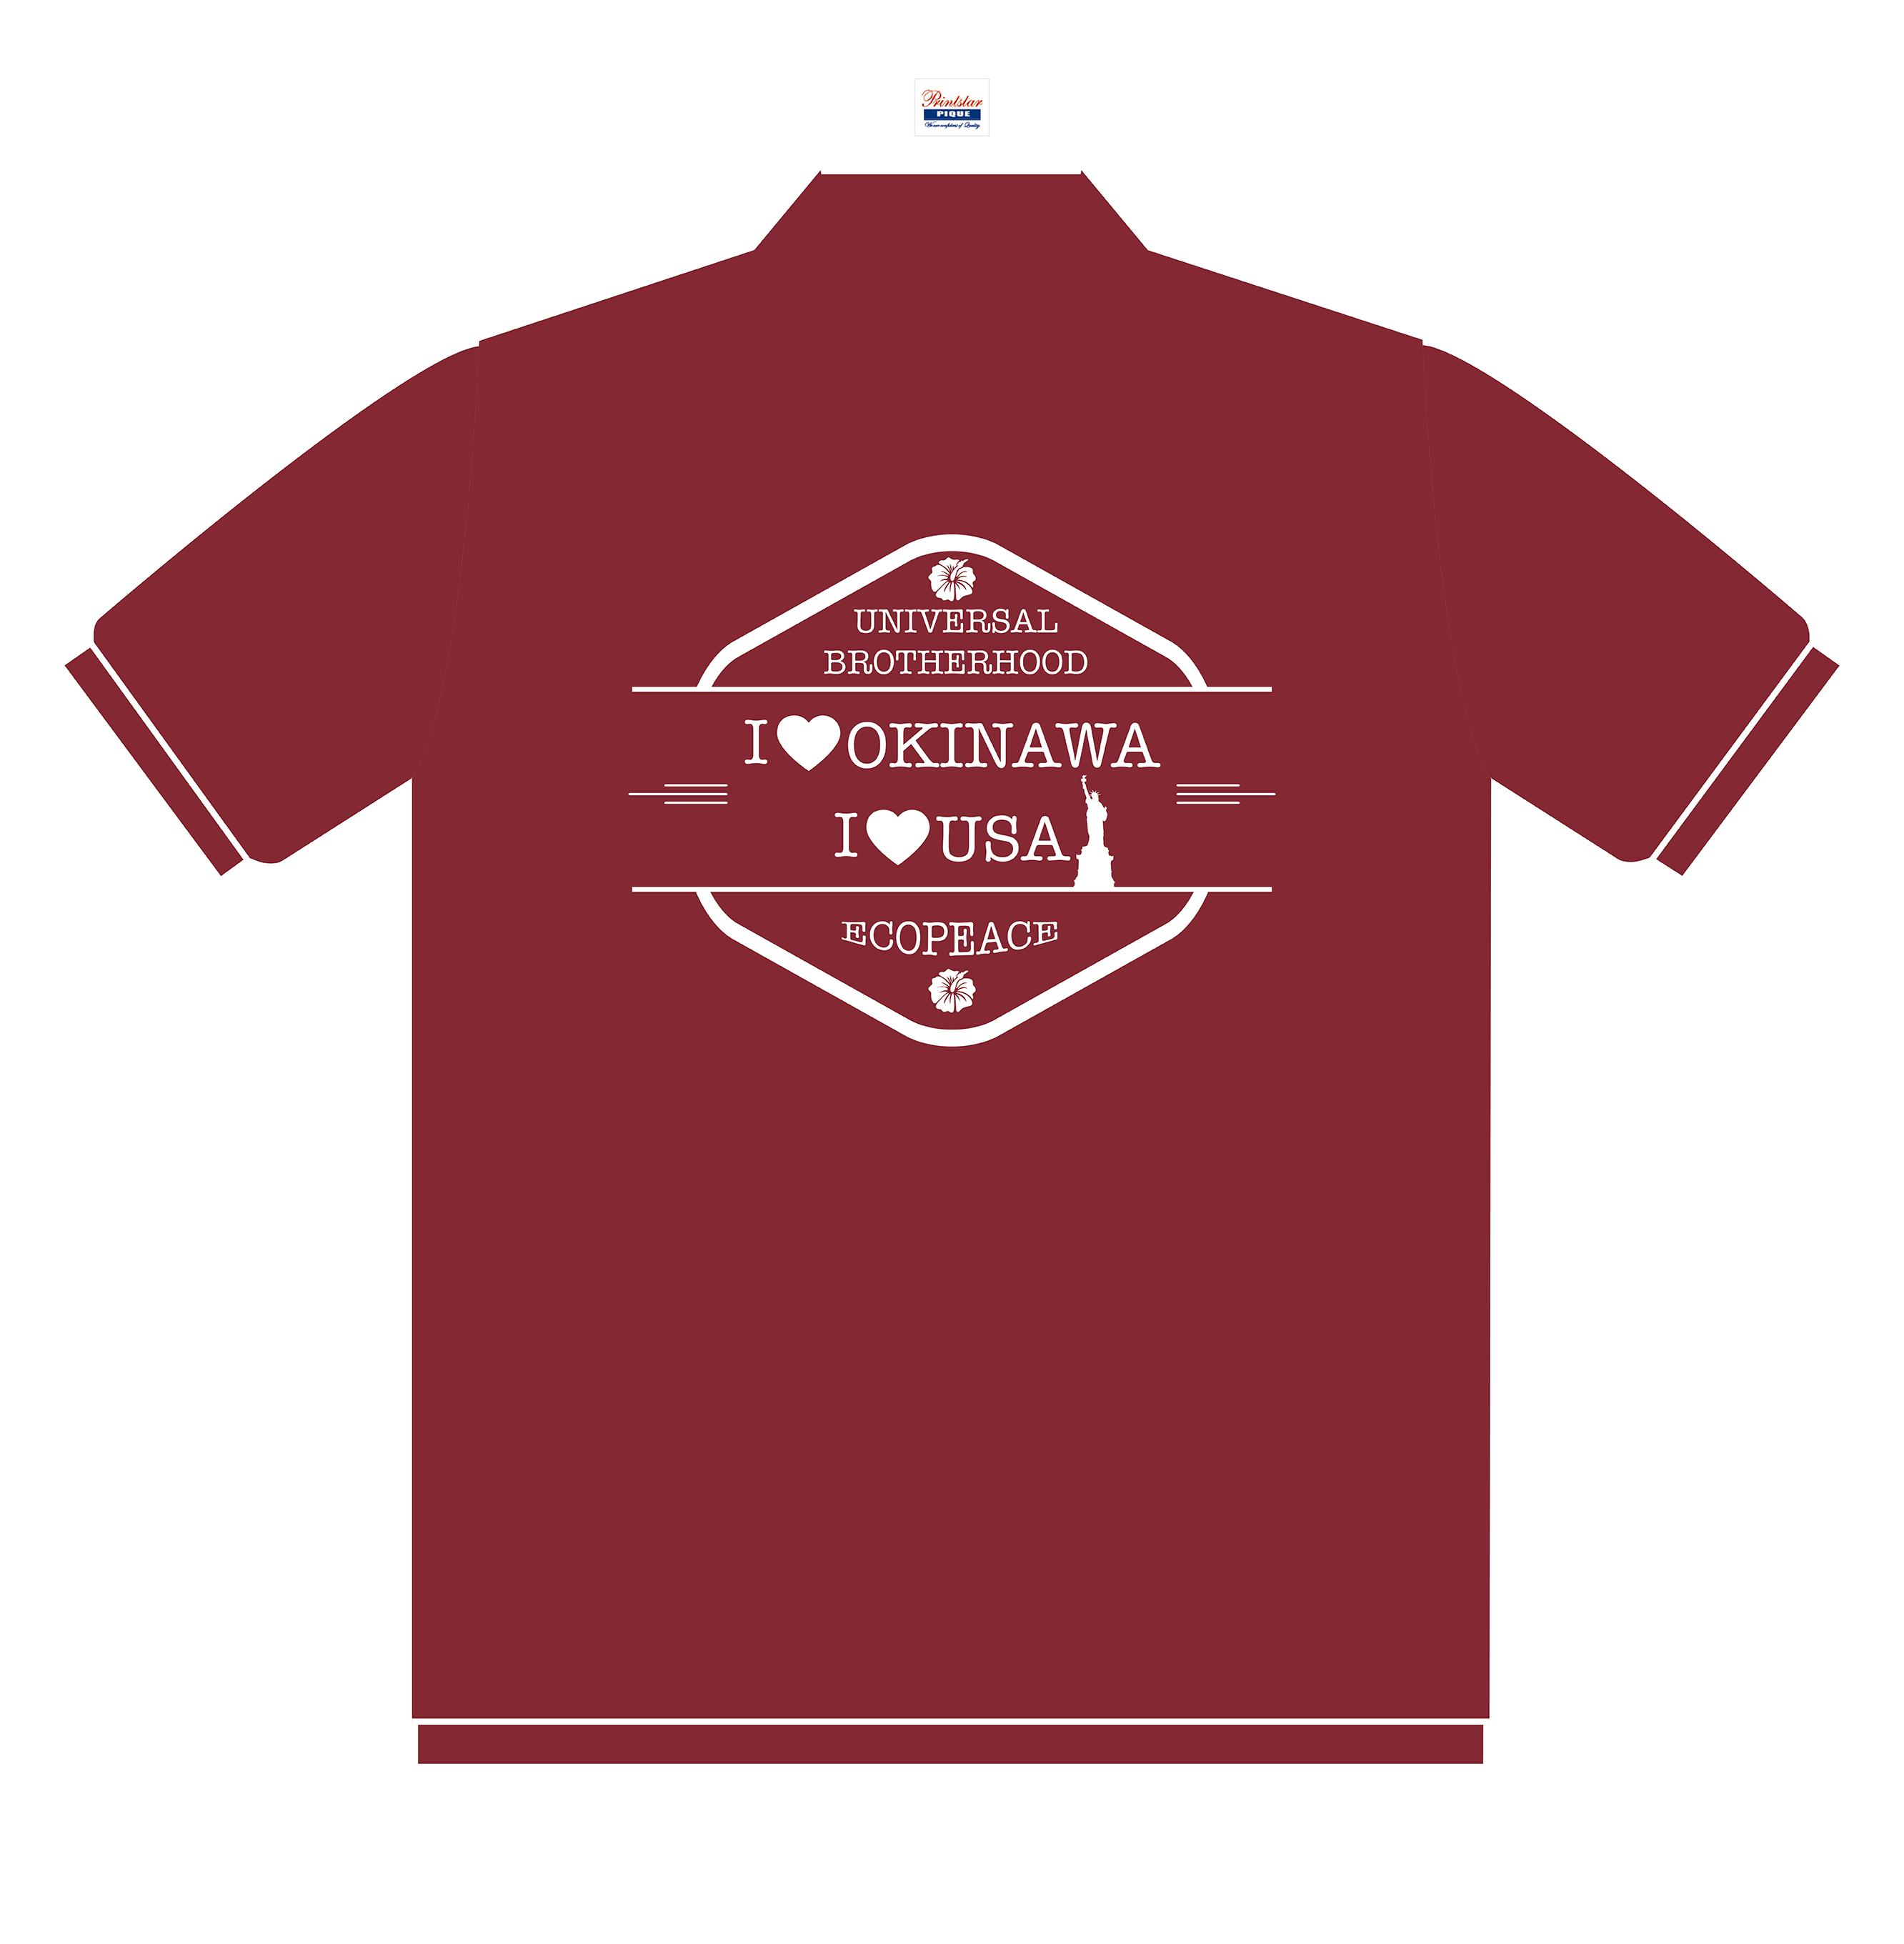 バーガンディ色のポロシャツ裏